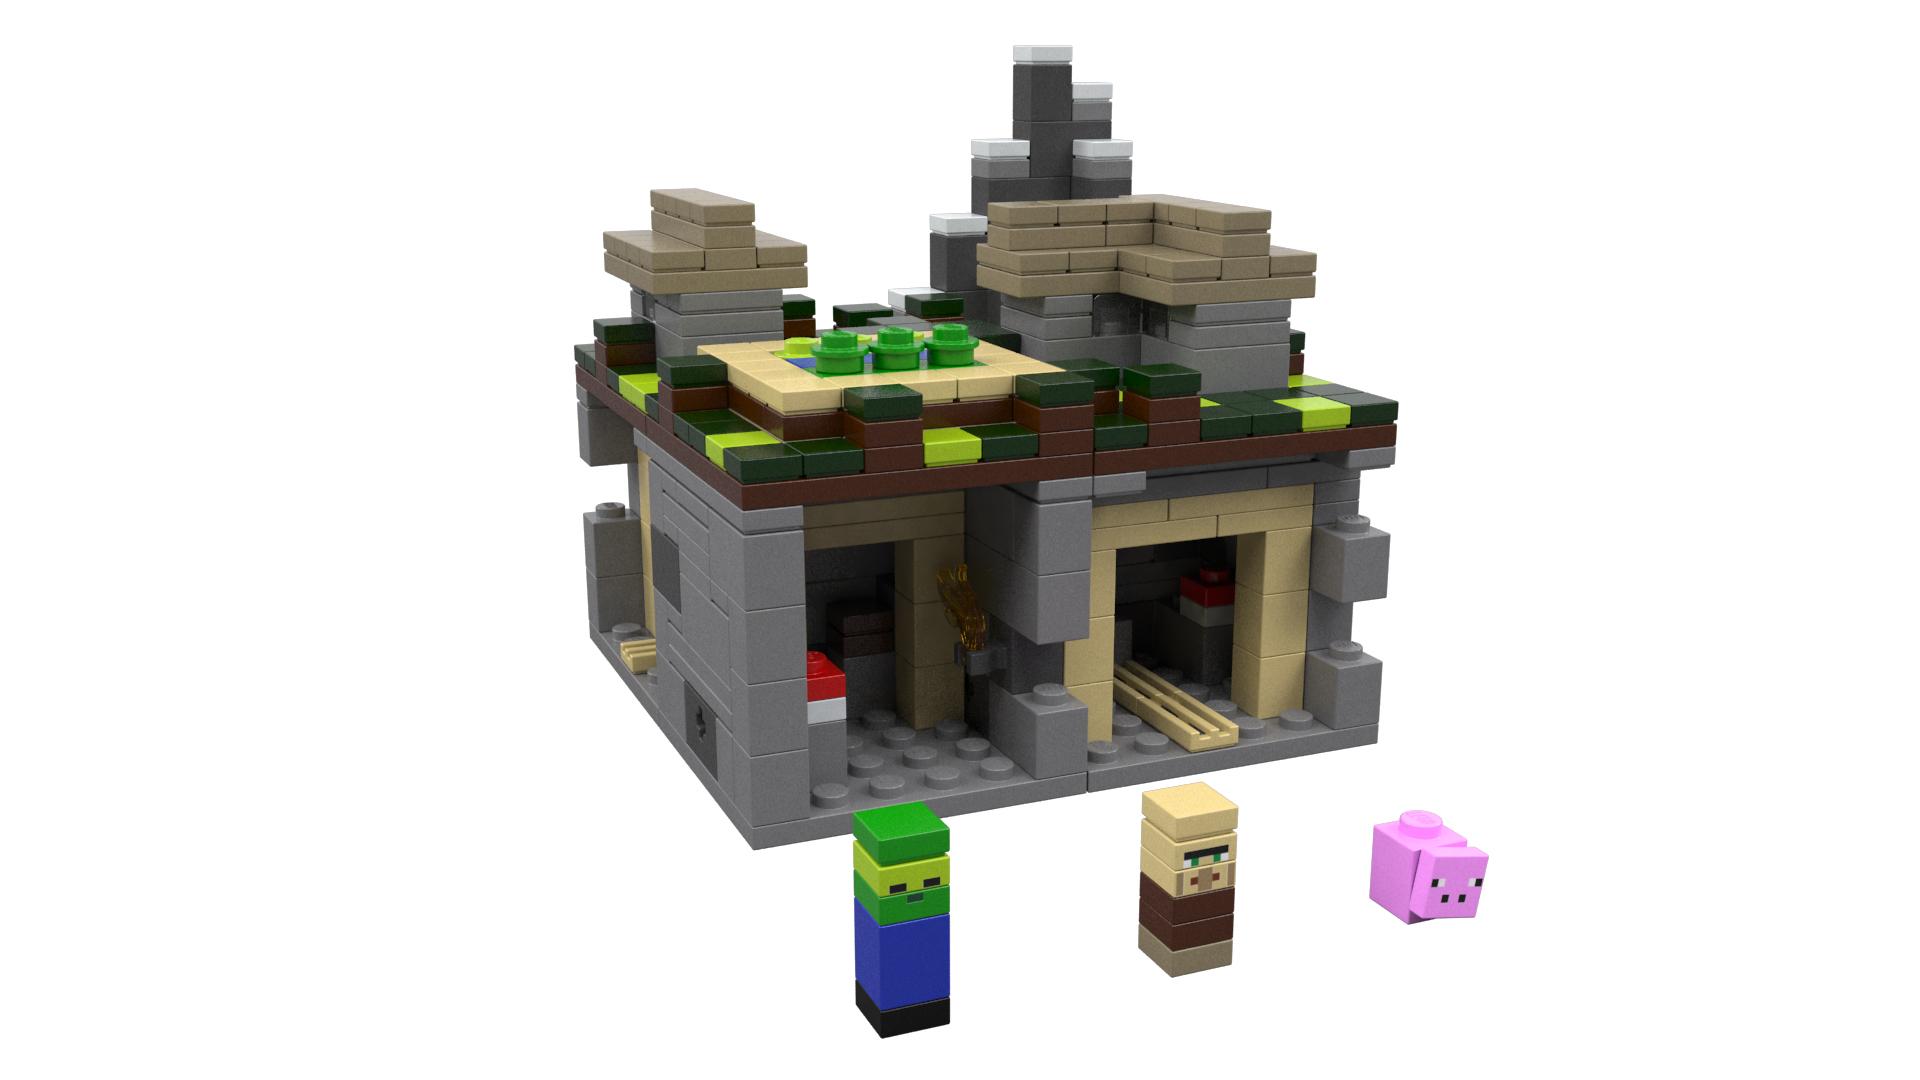 Cool Wallpaper Minecraft Zombie Pigman - LEGO-Minecraft-Village  Snapshot_386018.jpg